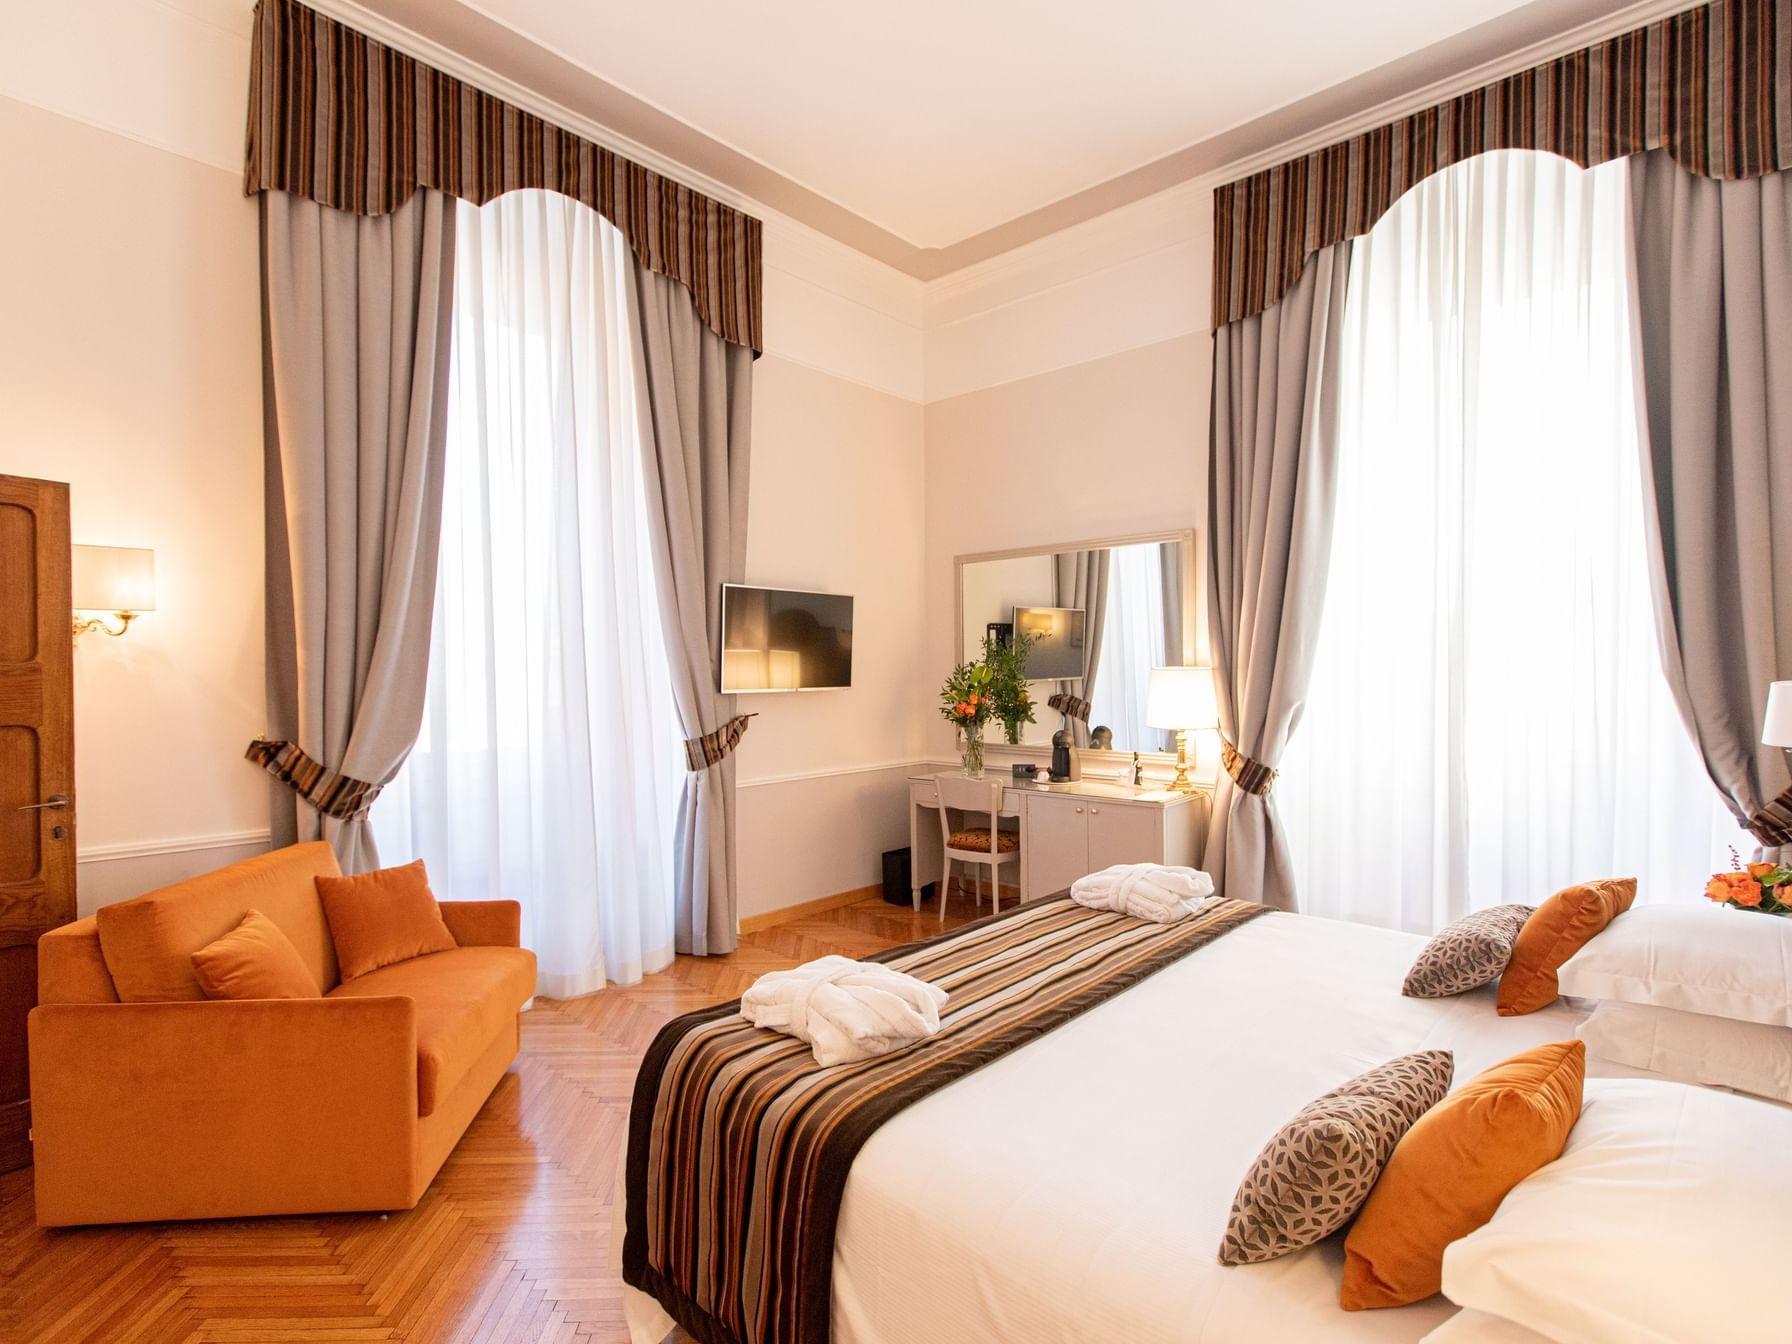 Camera Family Bettoja Hotels 1